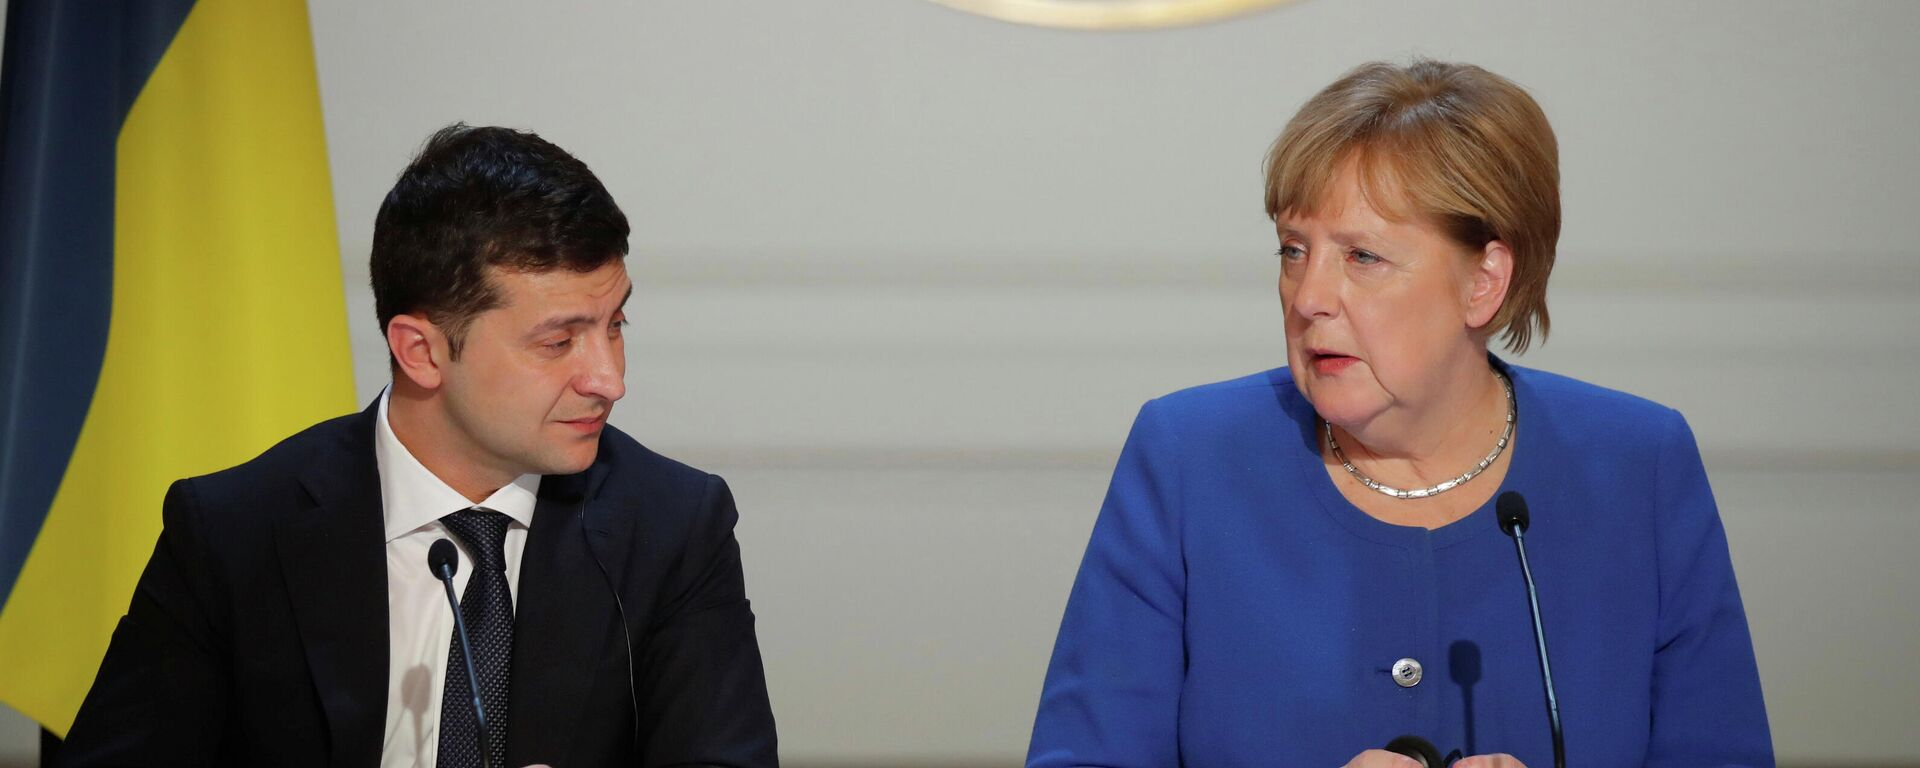 Канцлер Германии Ангела Меркель и президент Украины Владимир Зеленский - Sputnik Таджикистан, 1920, 17.08.2021